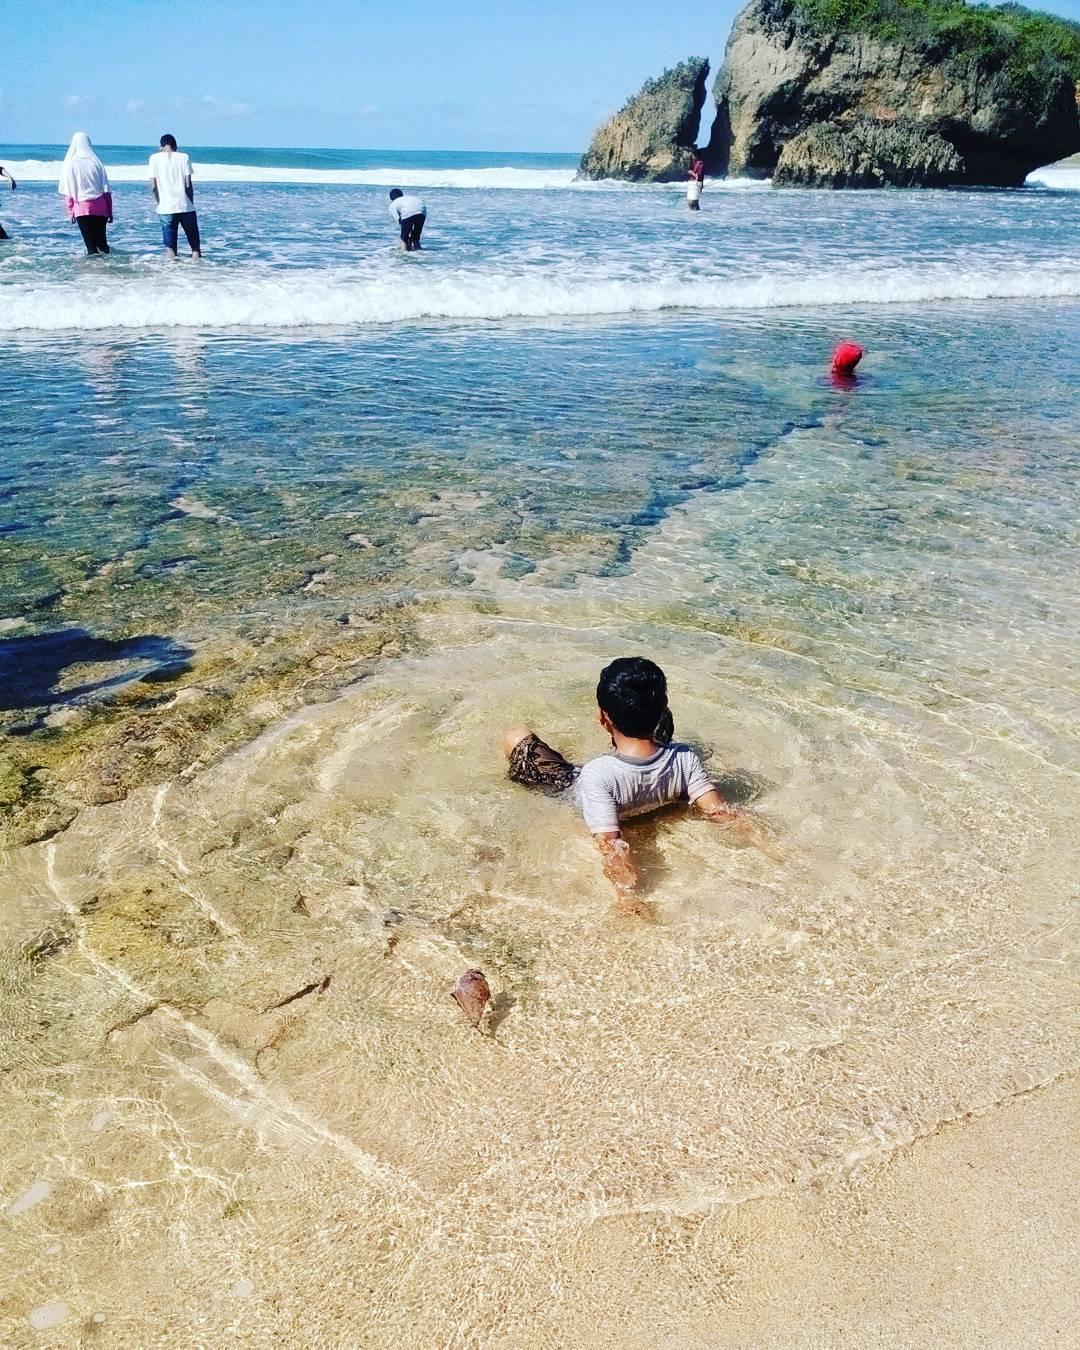 Jernihnya air di Pantai Kukup pasti membuat siapapun betah bermain air disini